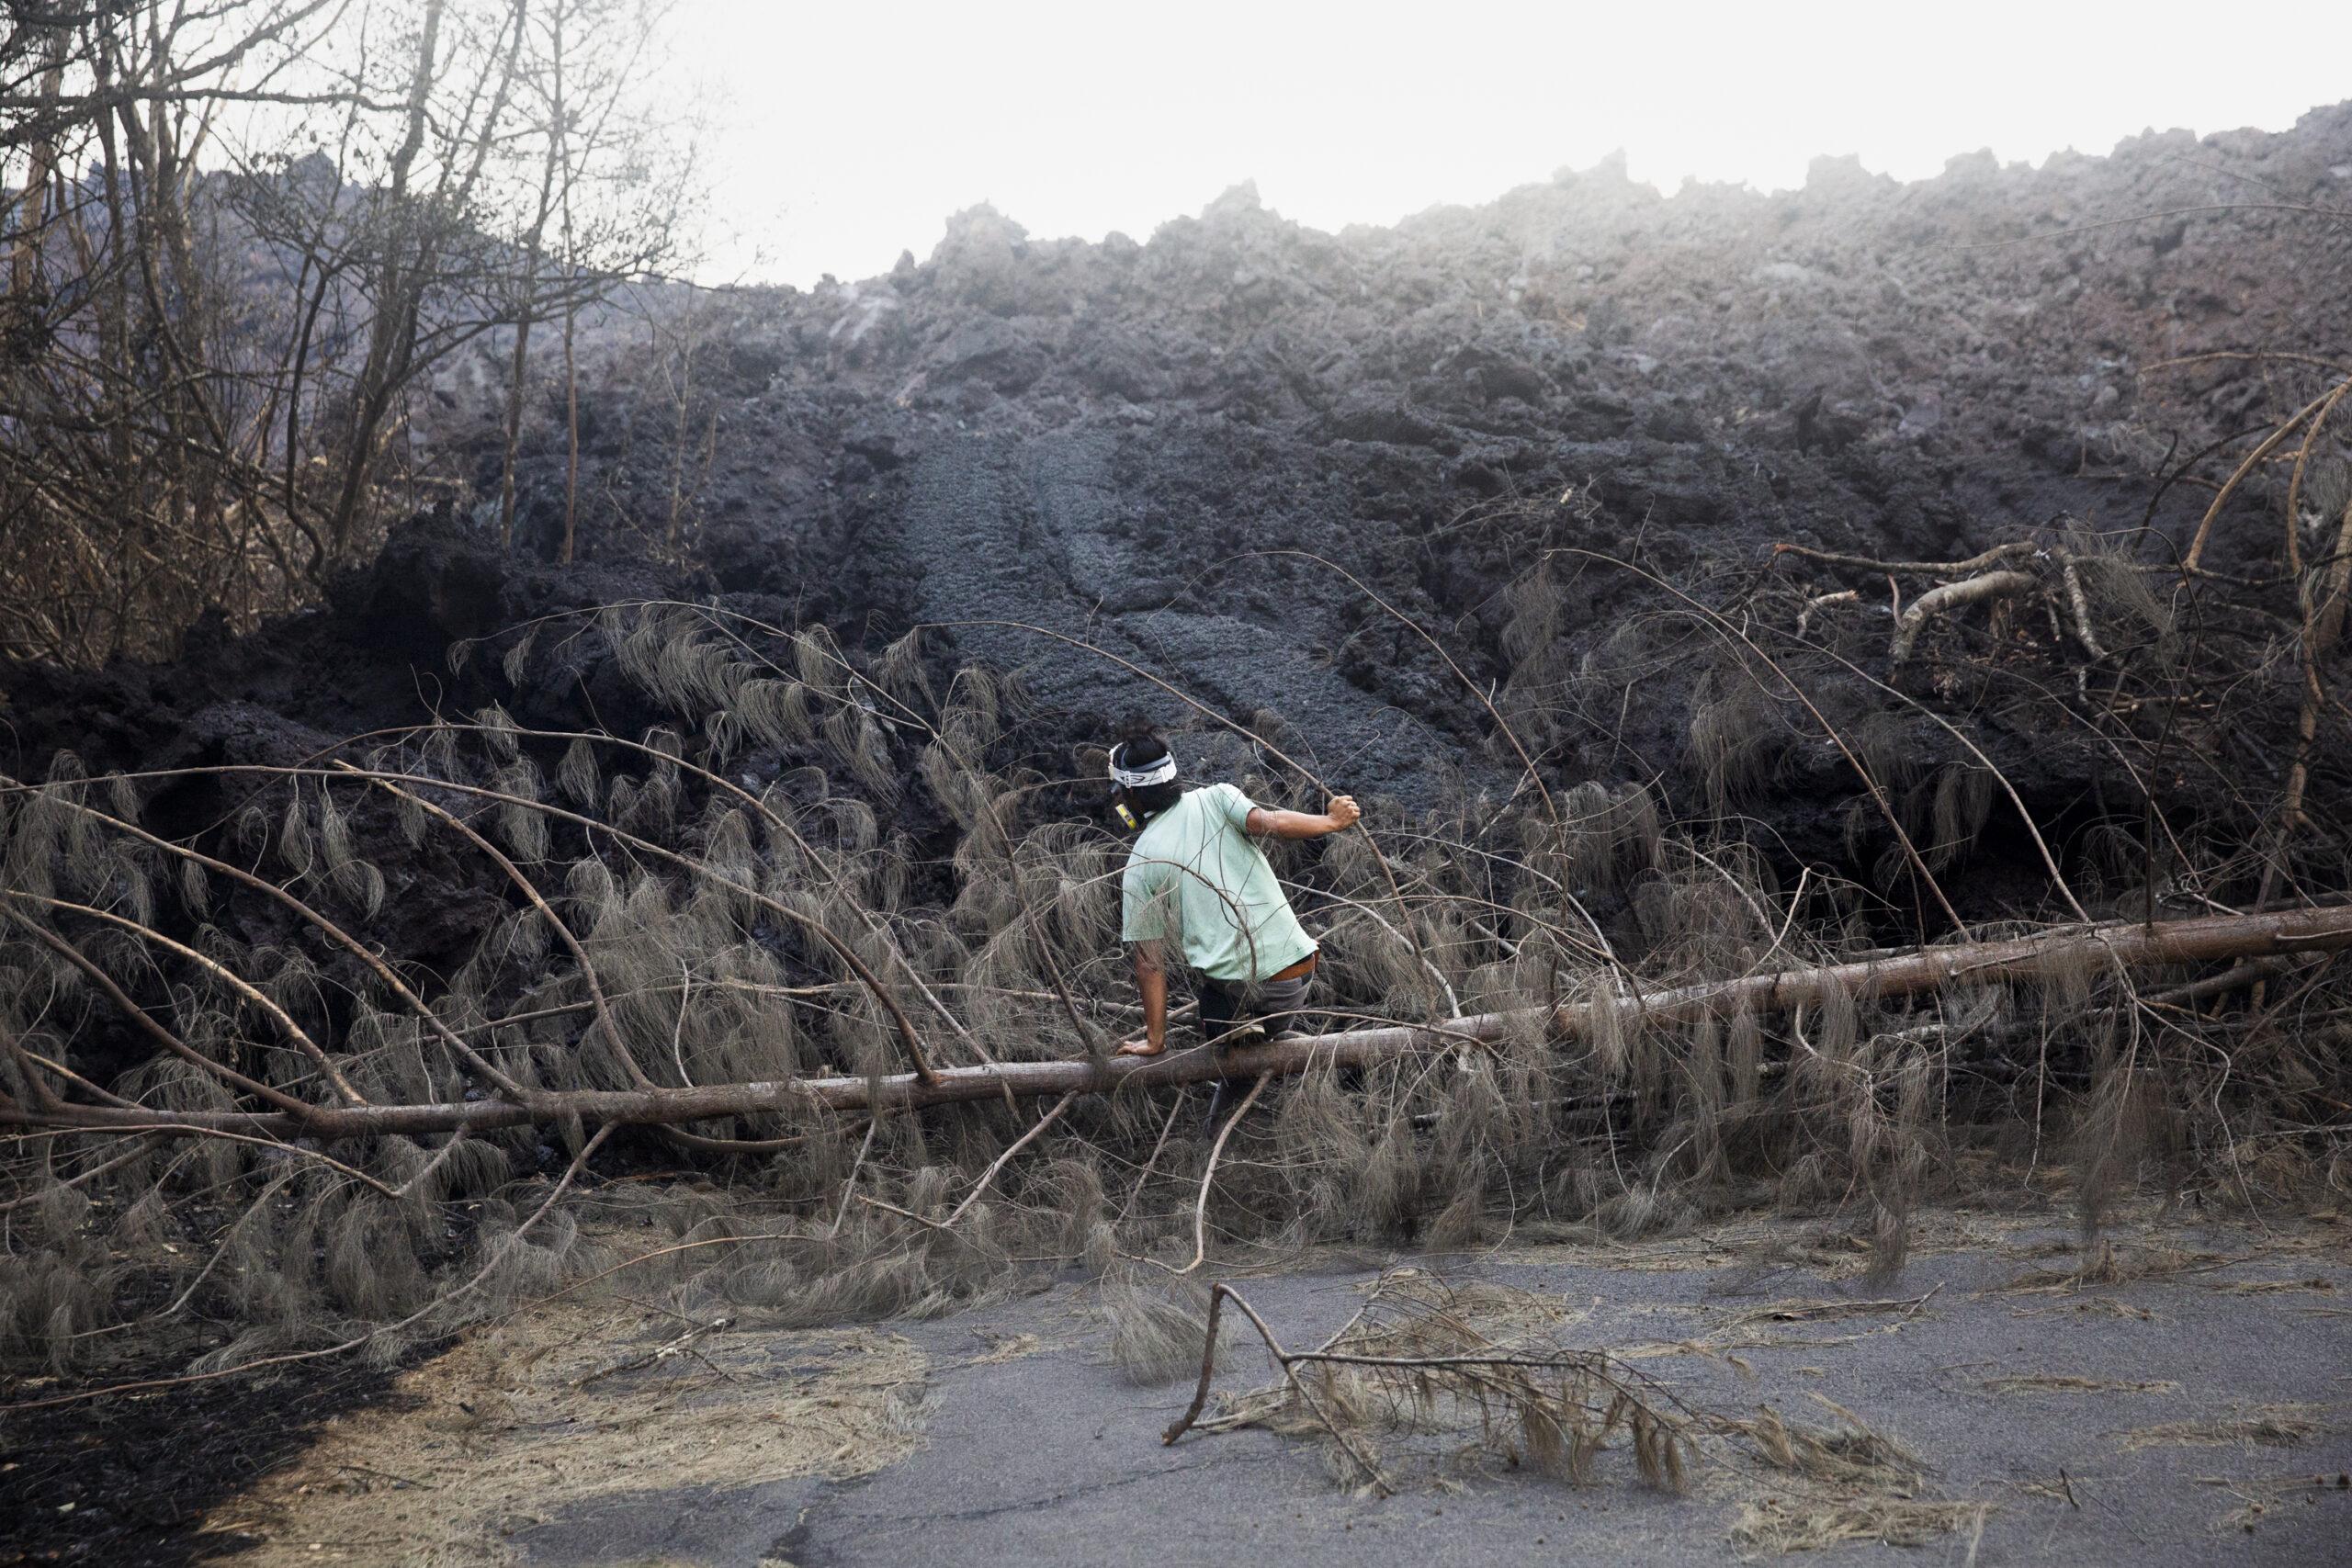 Roy Ruiz, 39 anni, residente nell'area di Seaview a Big Island, si arrampica nella foresta in lenta combustione mentre la lava dell'eruzione del vulcano Kilauea avanza nell'area di Opihikao di Big Island, Hawaii, Stati Uniti. 27 maggio 2018 © Gaia Squarci